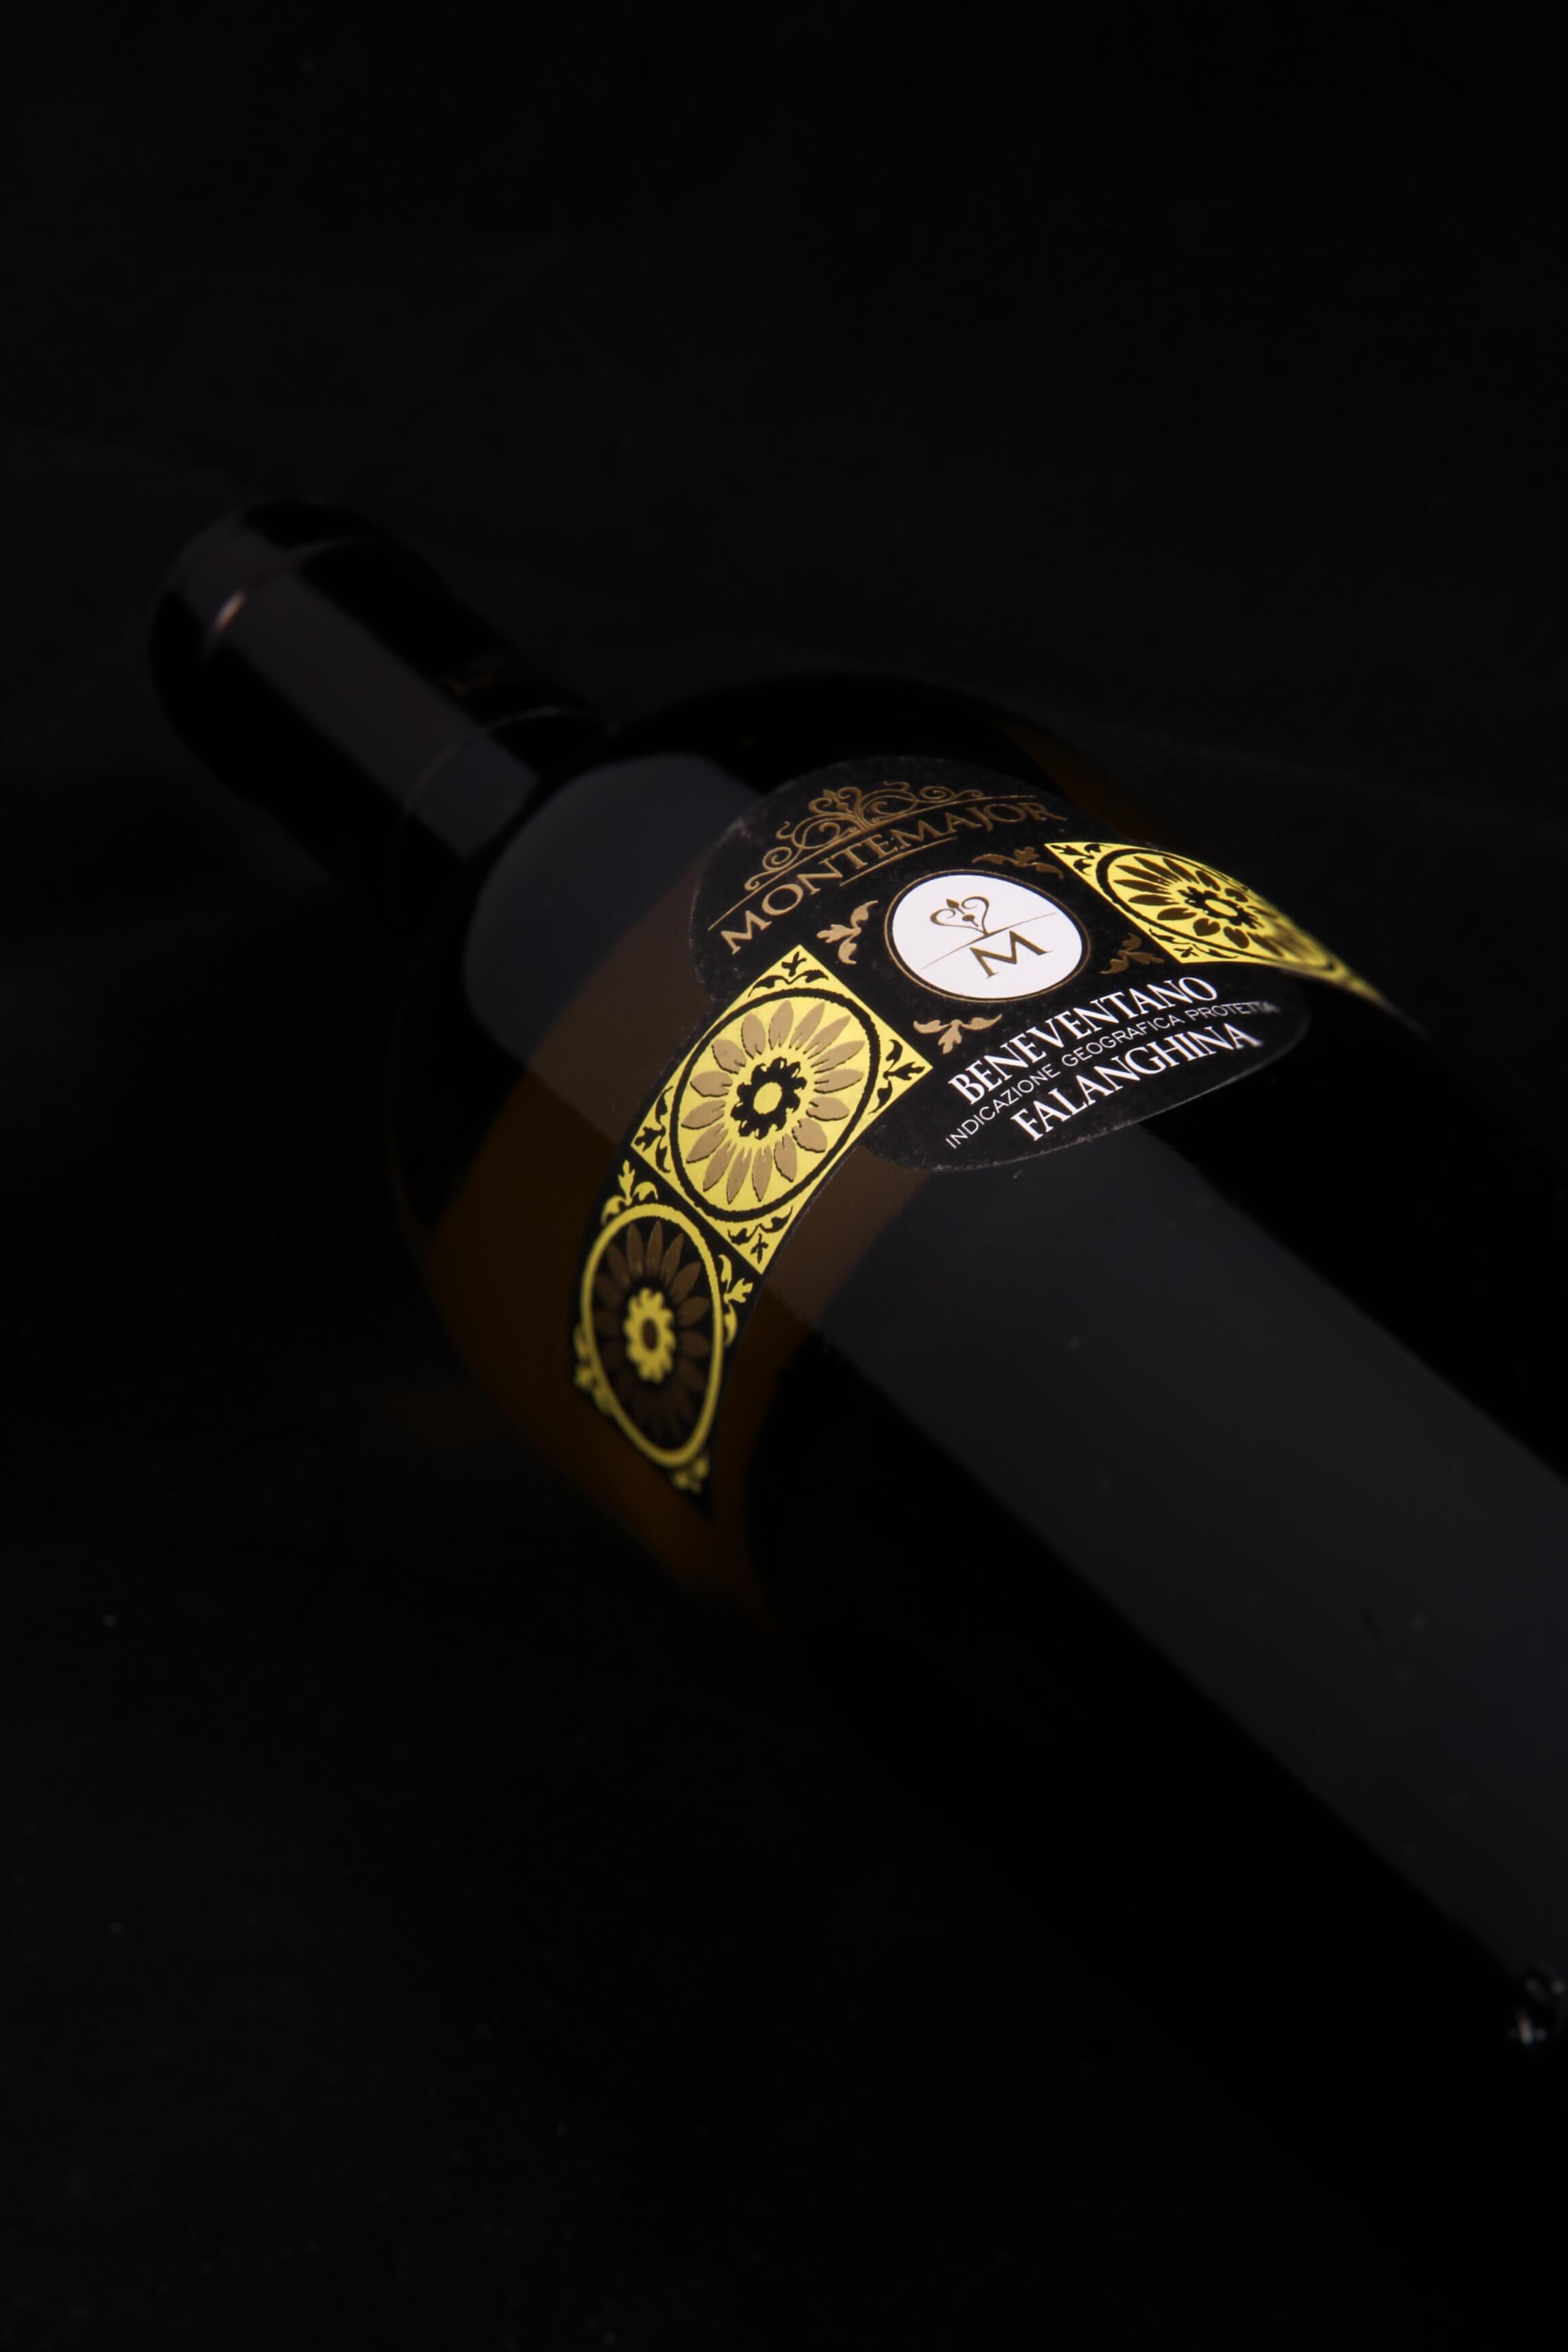 vino_nostrum-importadora_de_vinos_y_alimentos_ok25